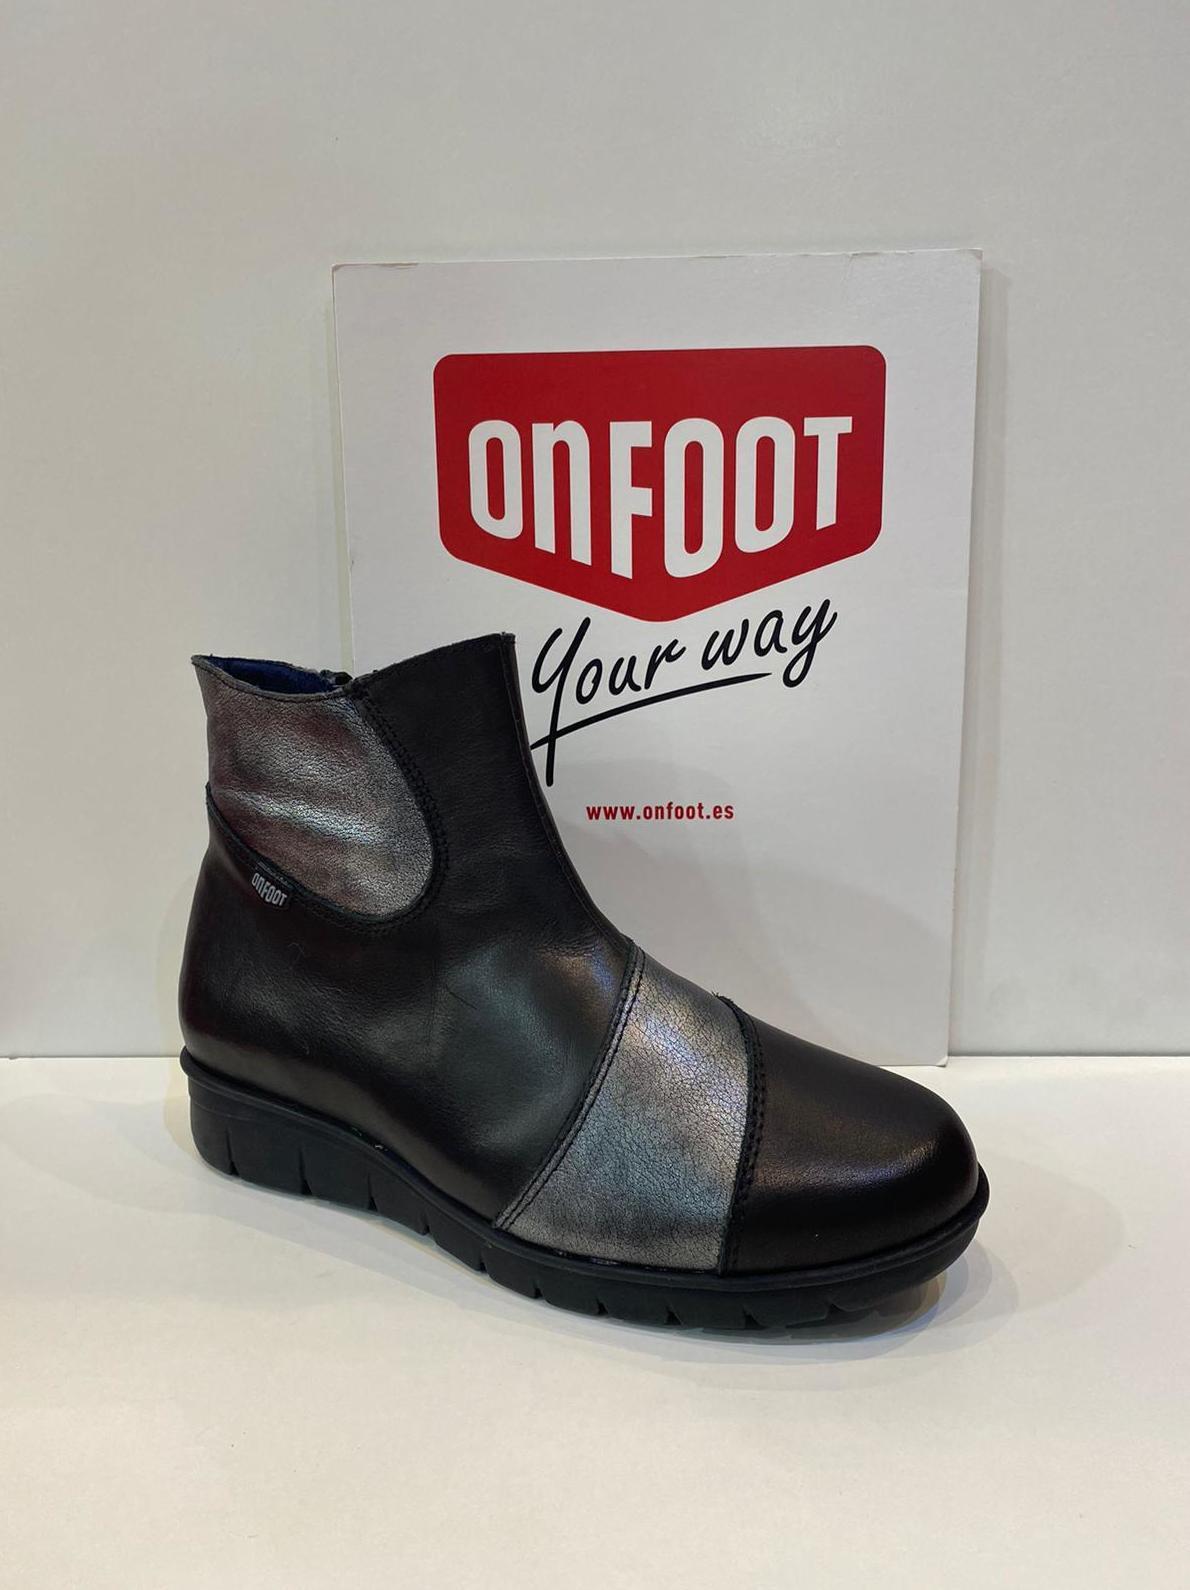 Botí de dona, de la marca On Foot, ample especial, adaptable a plantilles ortopèdiques, sola de làtex amb càmera d'aire 73€